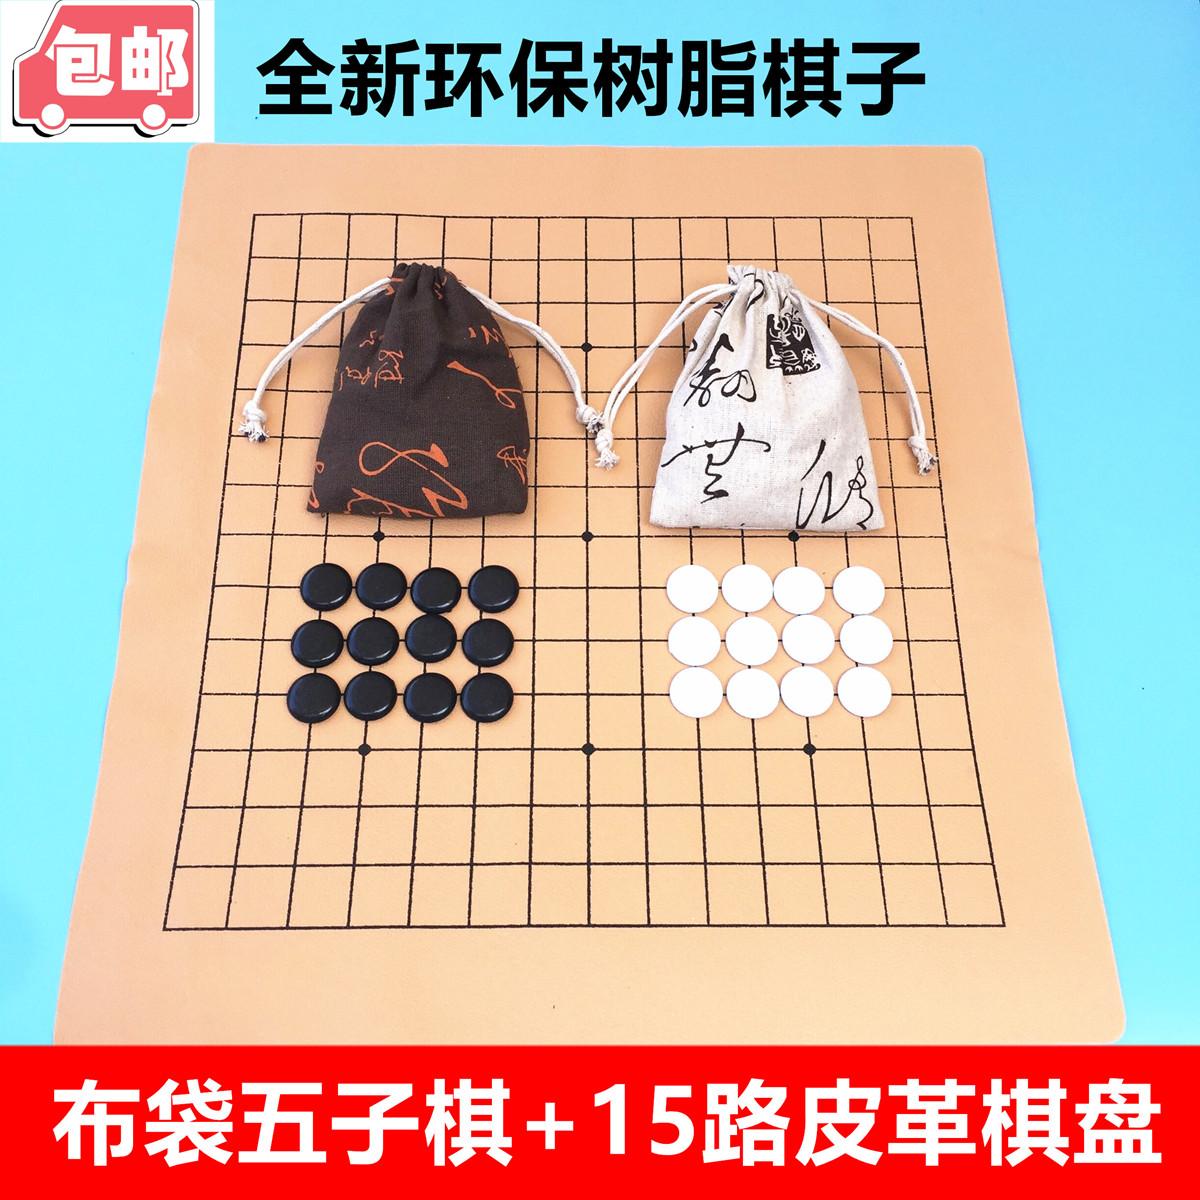 Китайские шашки / Нарды Артикул 525867683795